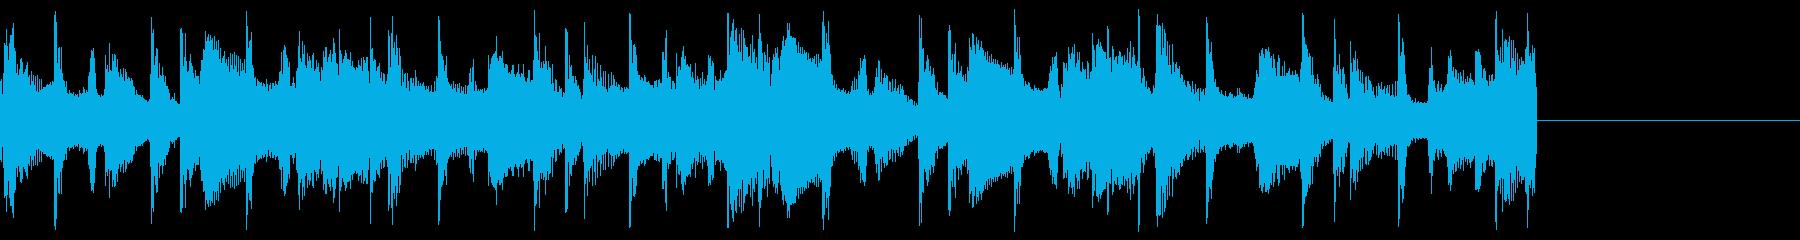 ループのための風変わりなコメディト...の再生済みの波形